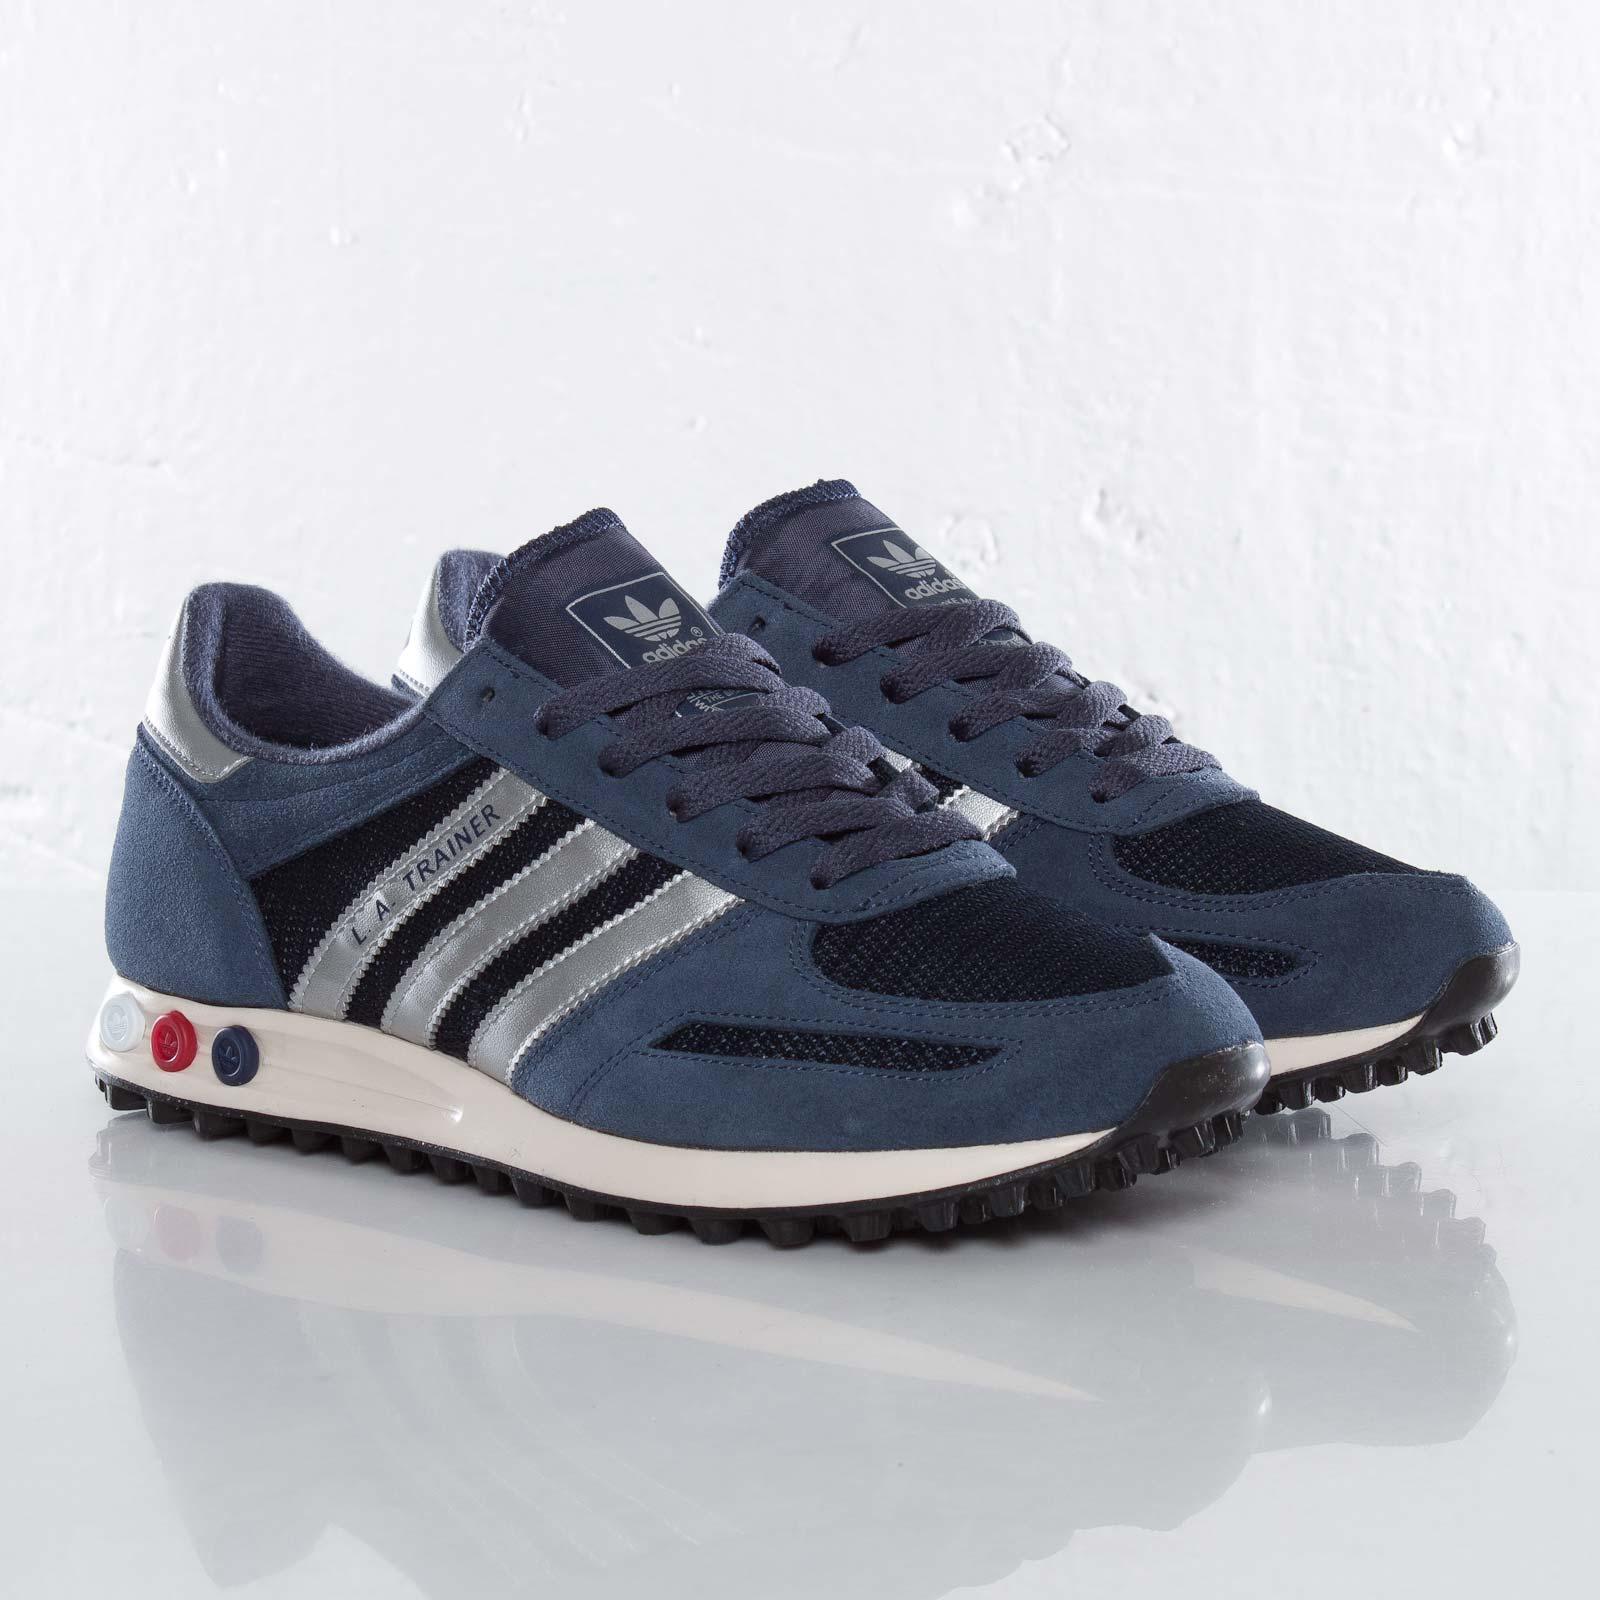 Adidas La Trainer internetowy